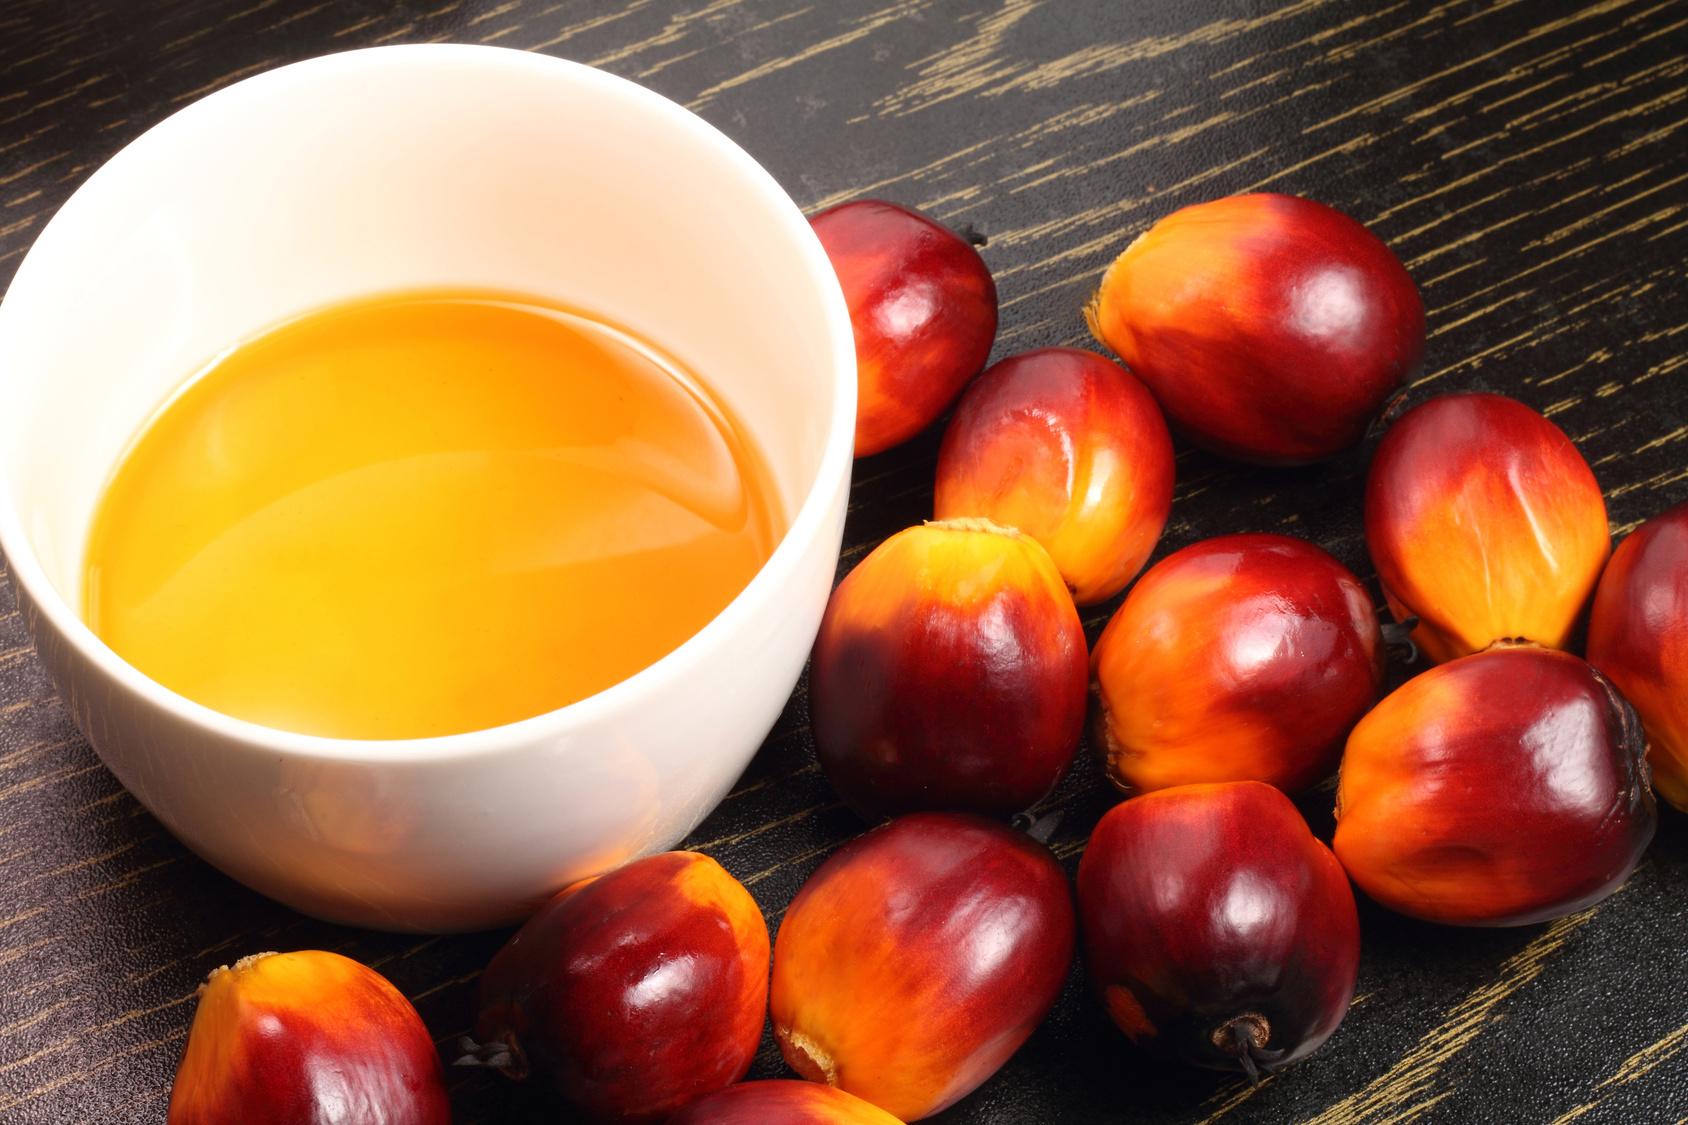 Chi ha paura dell'olio di palma?